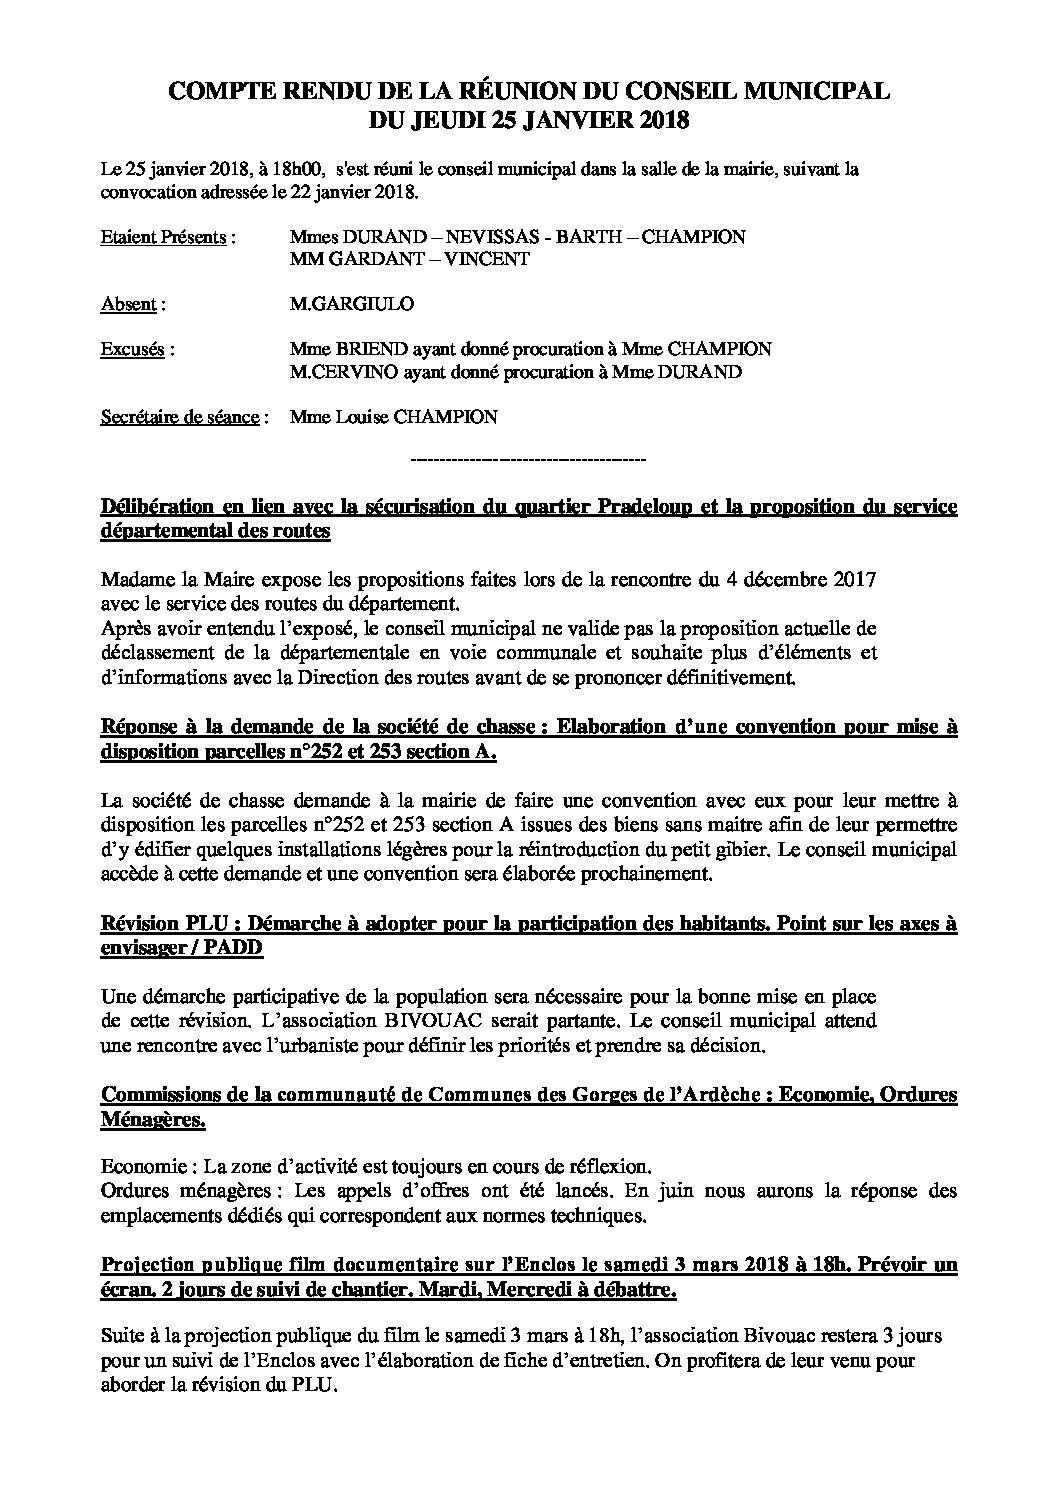 Conseil municipal du 25 janvier 2018